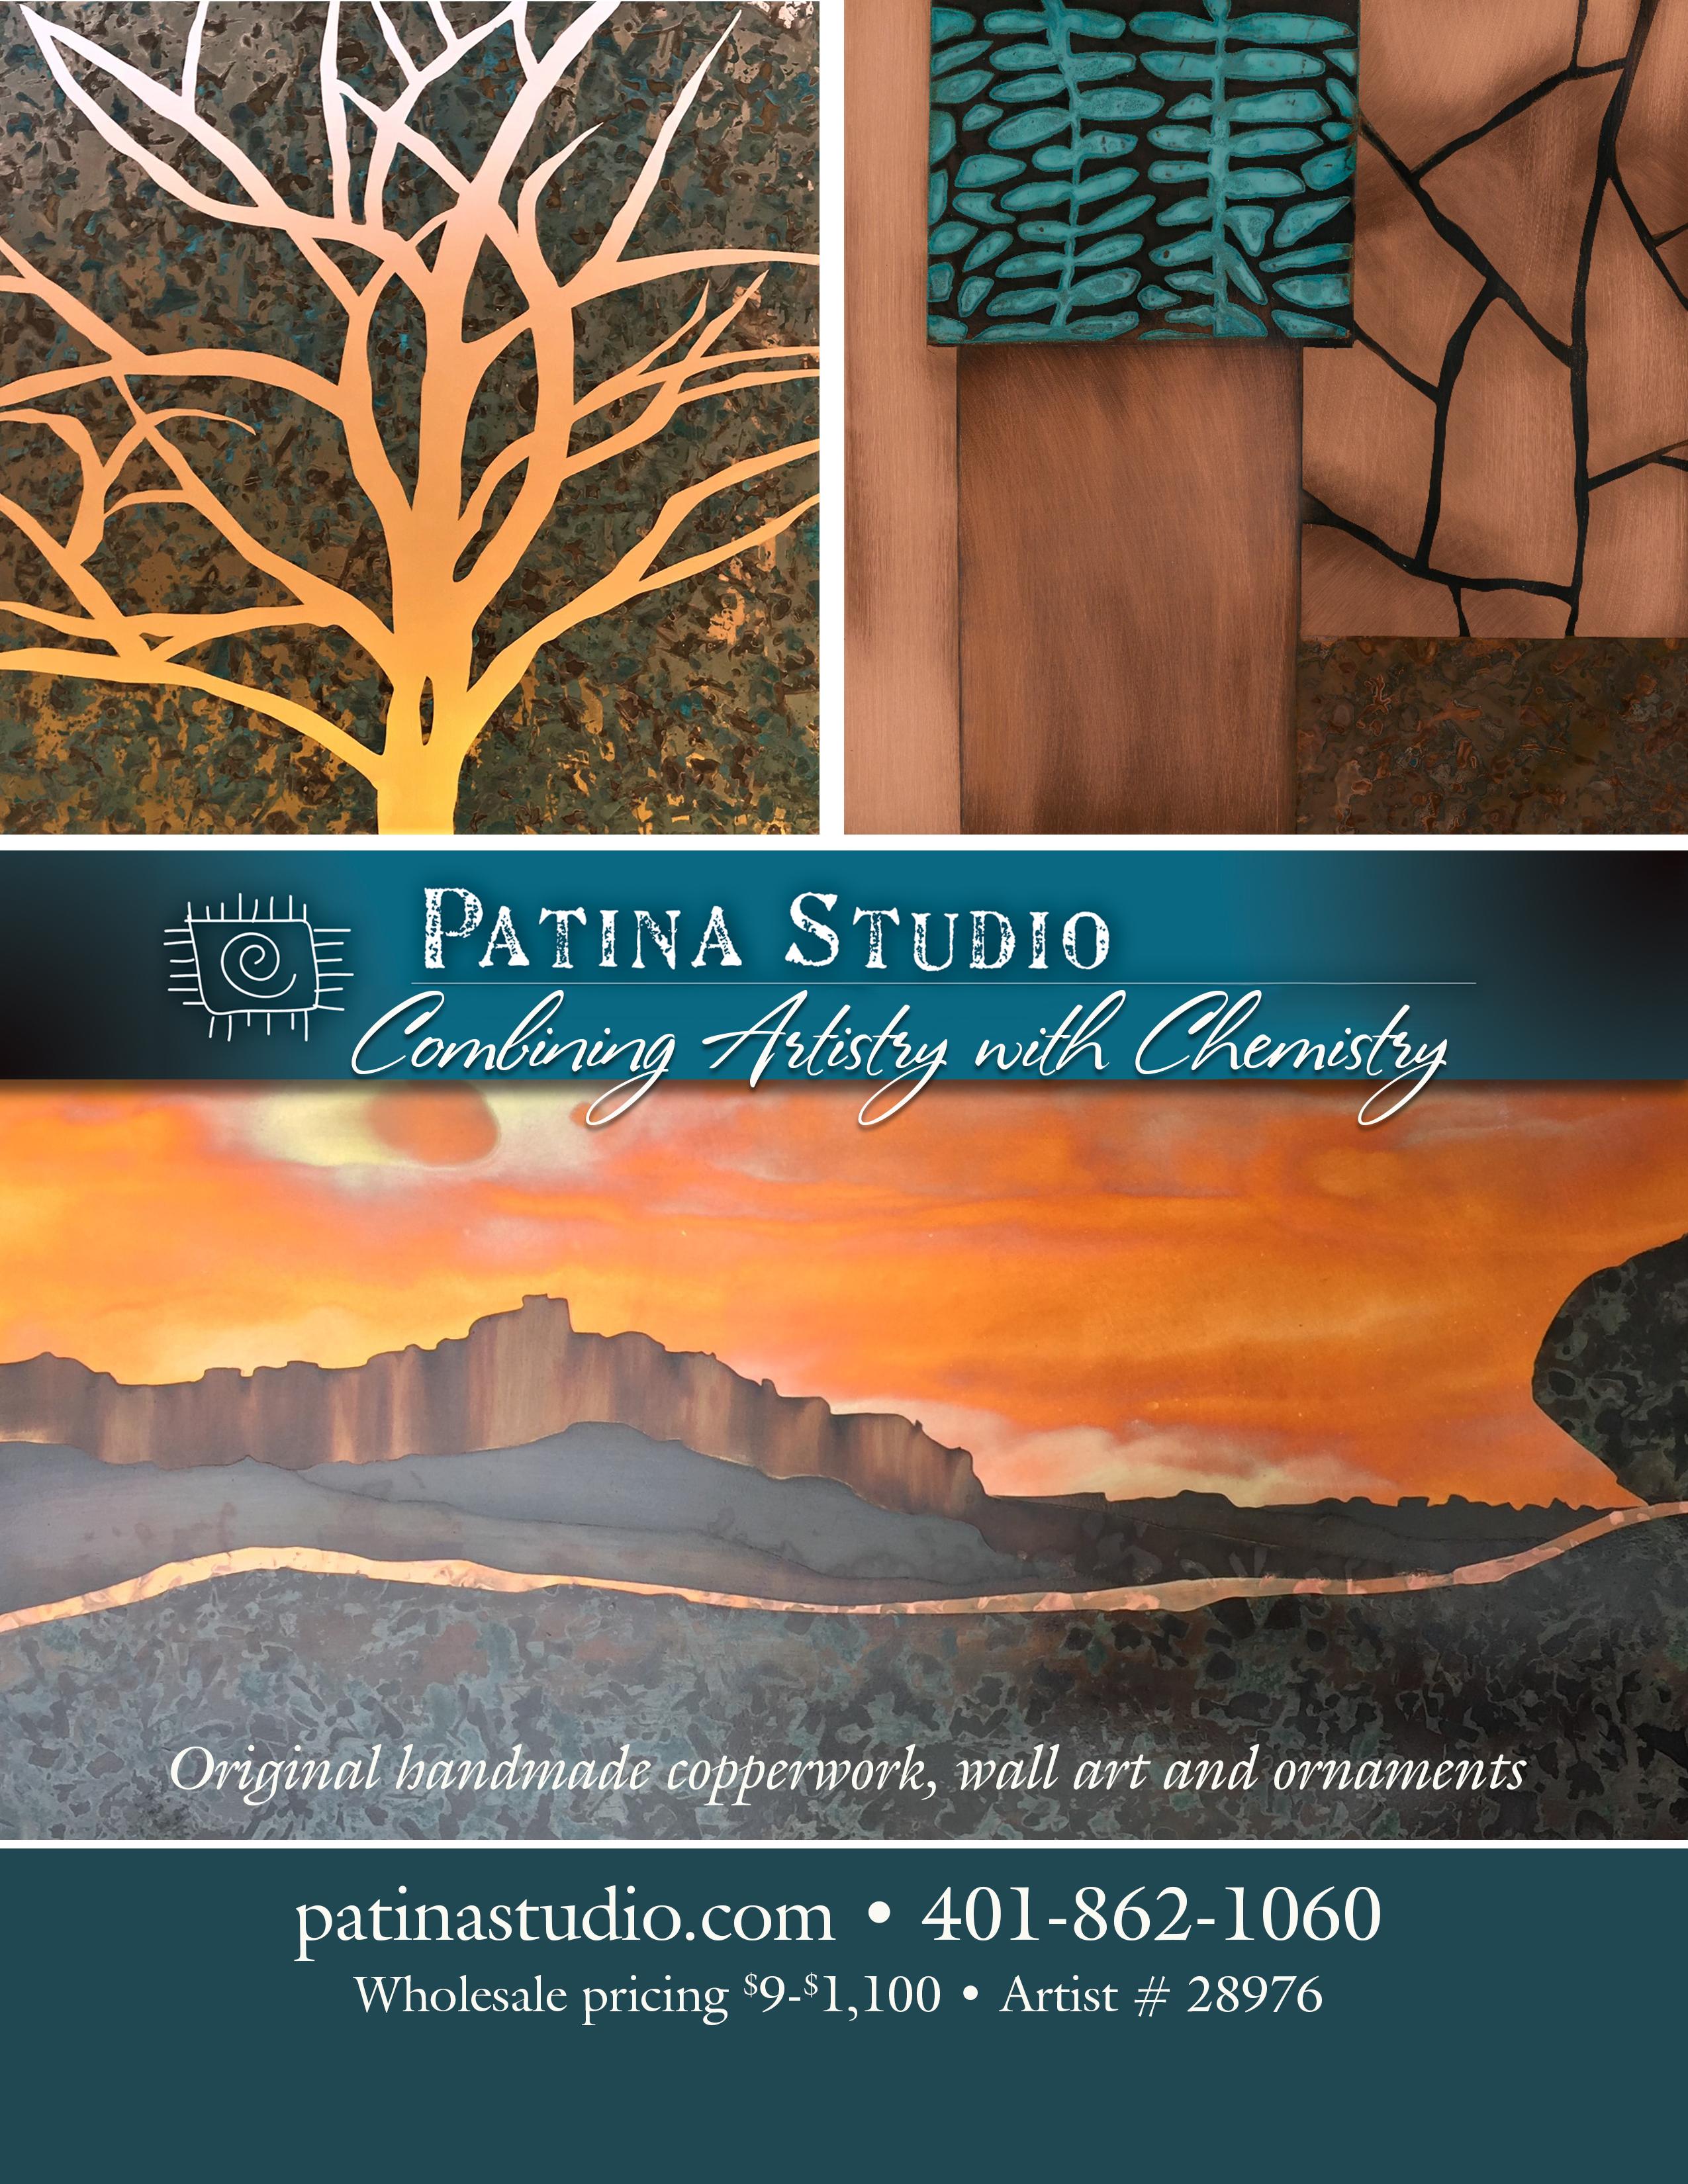 Patina_ad_2019